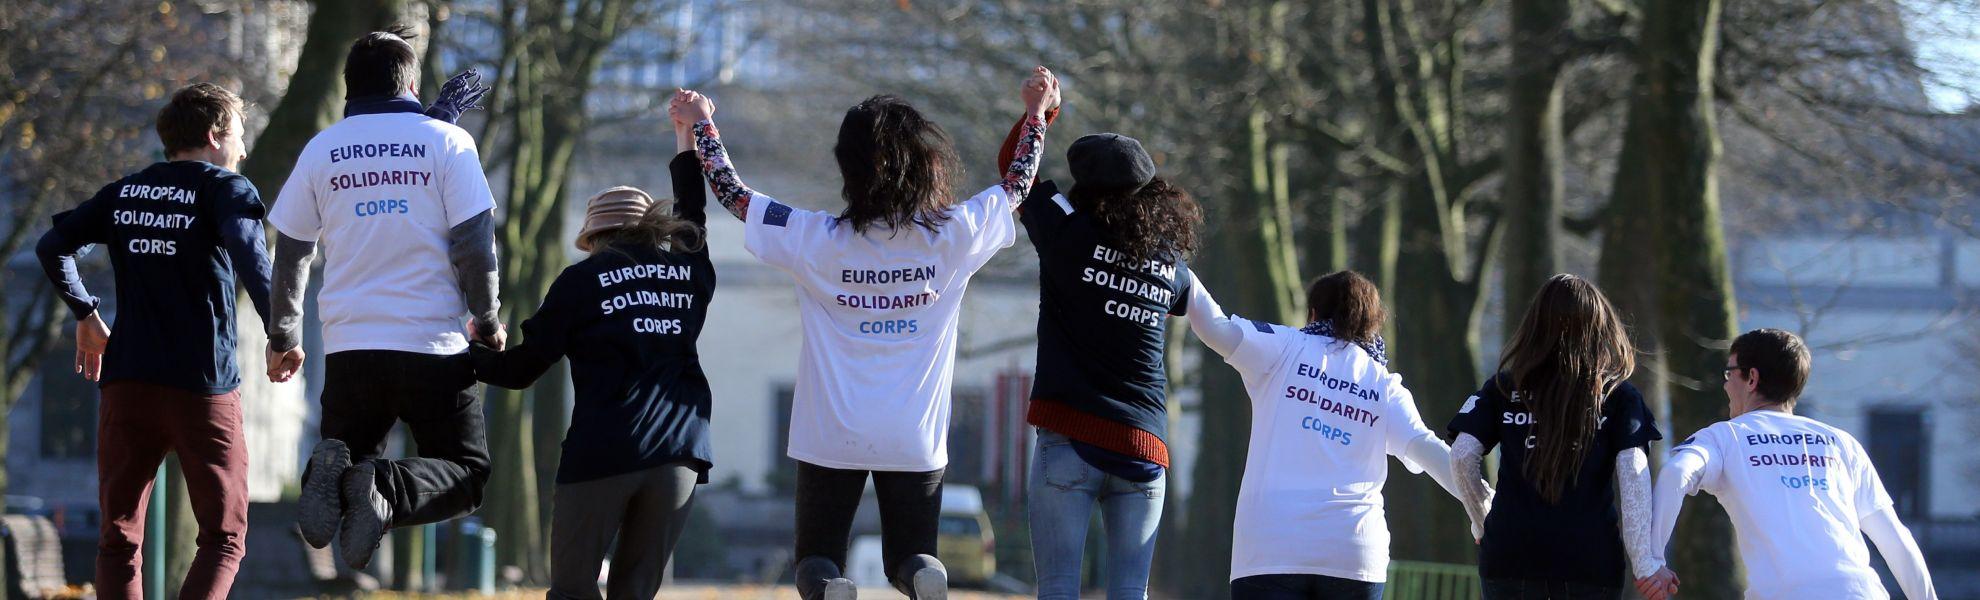 Concorso #EUSolidarityCorps: inventa la tua t-shirt per il Corpo europeo di solidarietà!